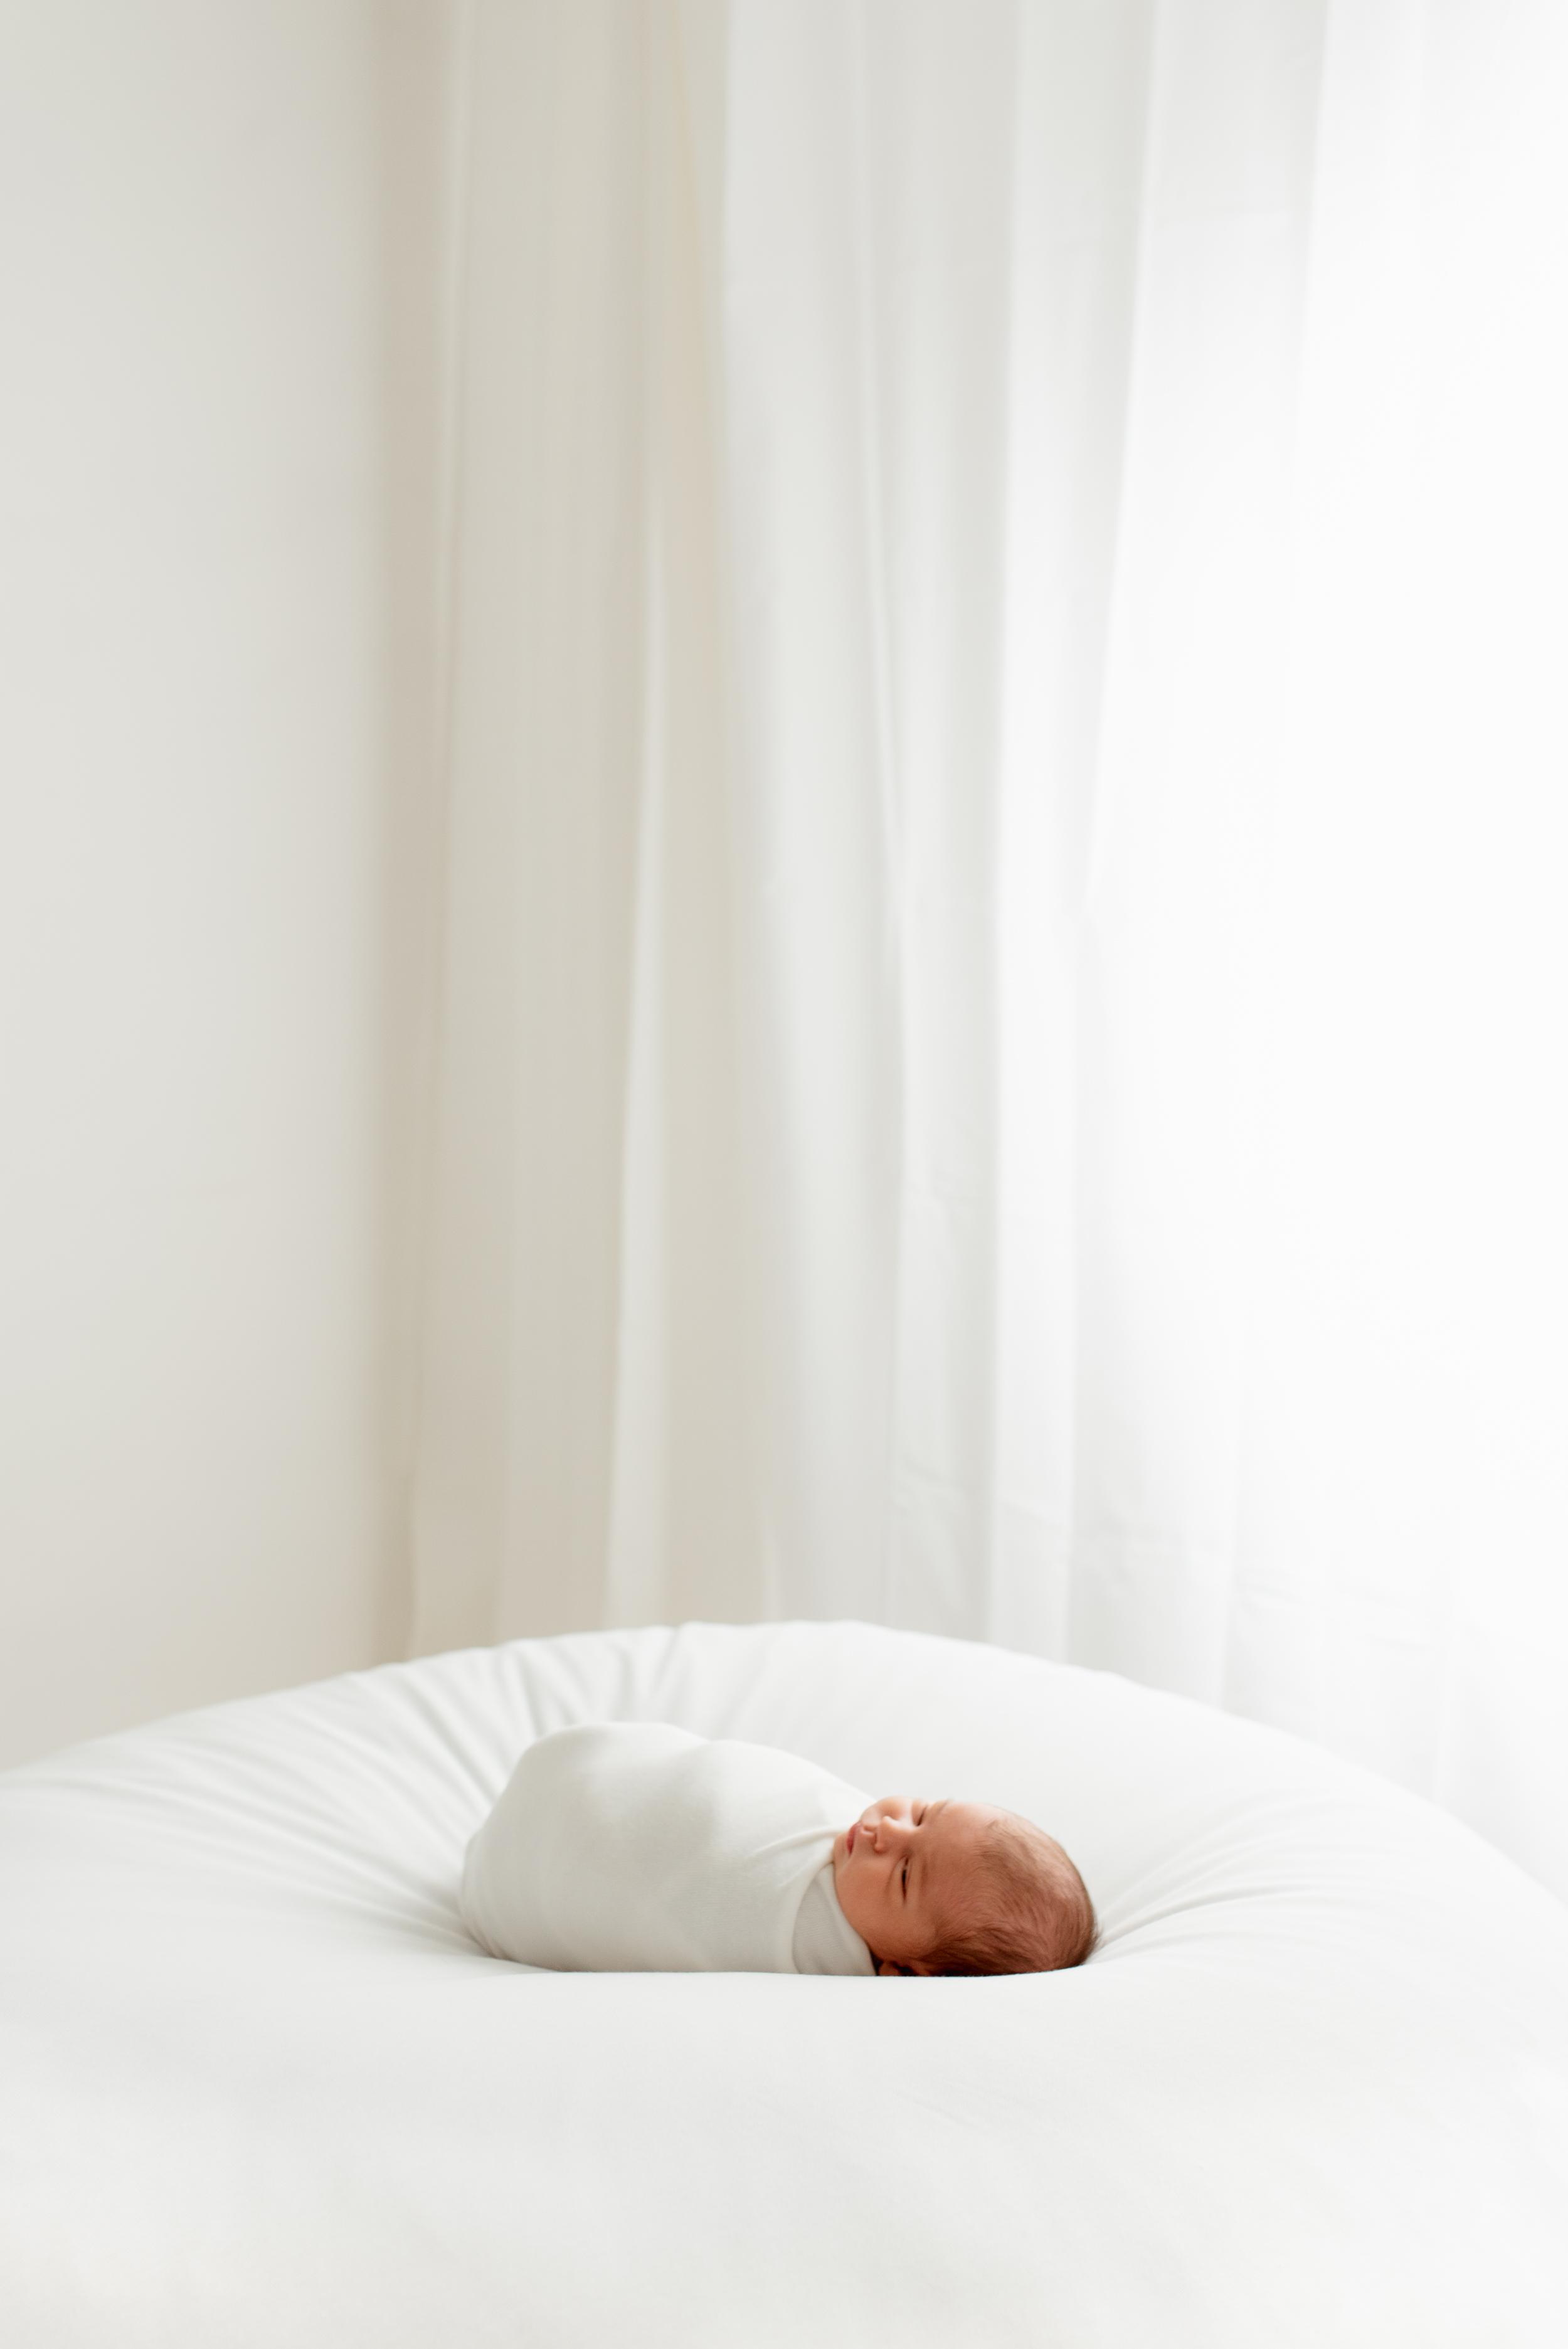 baby girl asleep on white